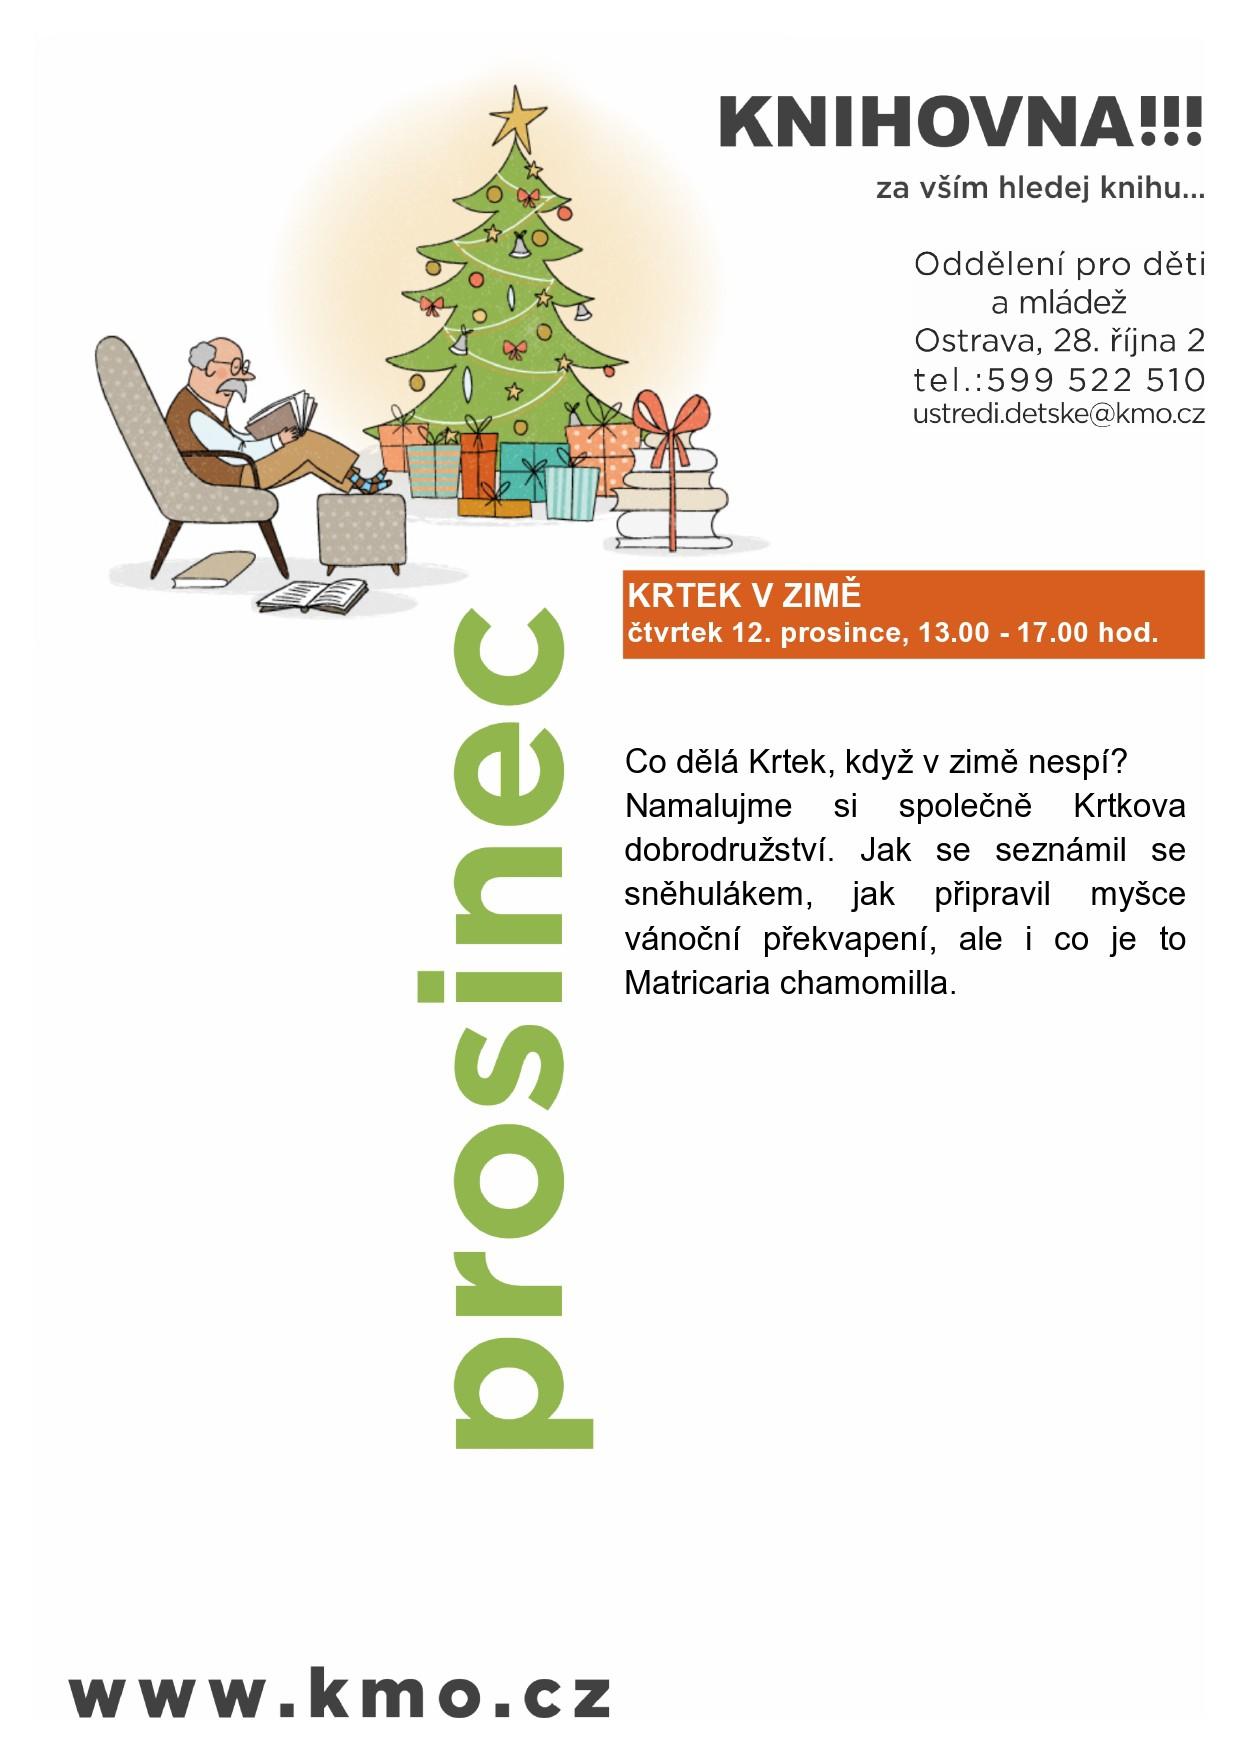 Akce prosinec  Oddělení pro děti a mládež Vás zve na  KRTEK V ZIMĚ čtvrtek 12. prosince, 13.00 - 17.00 hod.  Co dělá Krtek, když v zimě nespí? Namalujme si společně Krtkova dobrodružství. Jak se seznámil se sněhulákem, jak připravil myšce vánoční překvapení, ale i co je to Matricaria chamomilla.